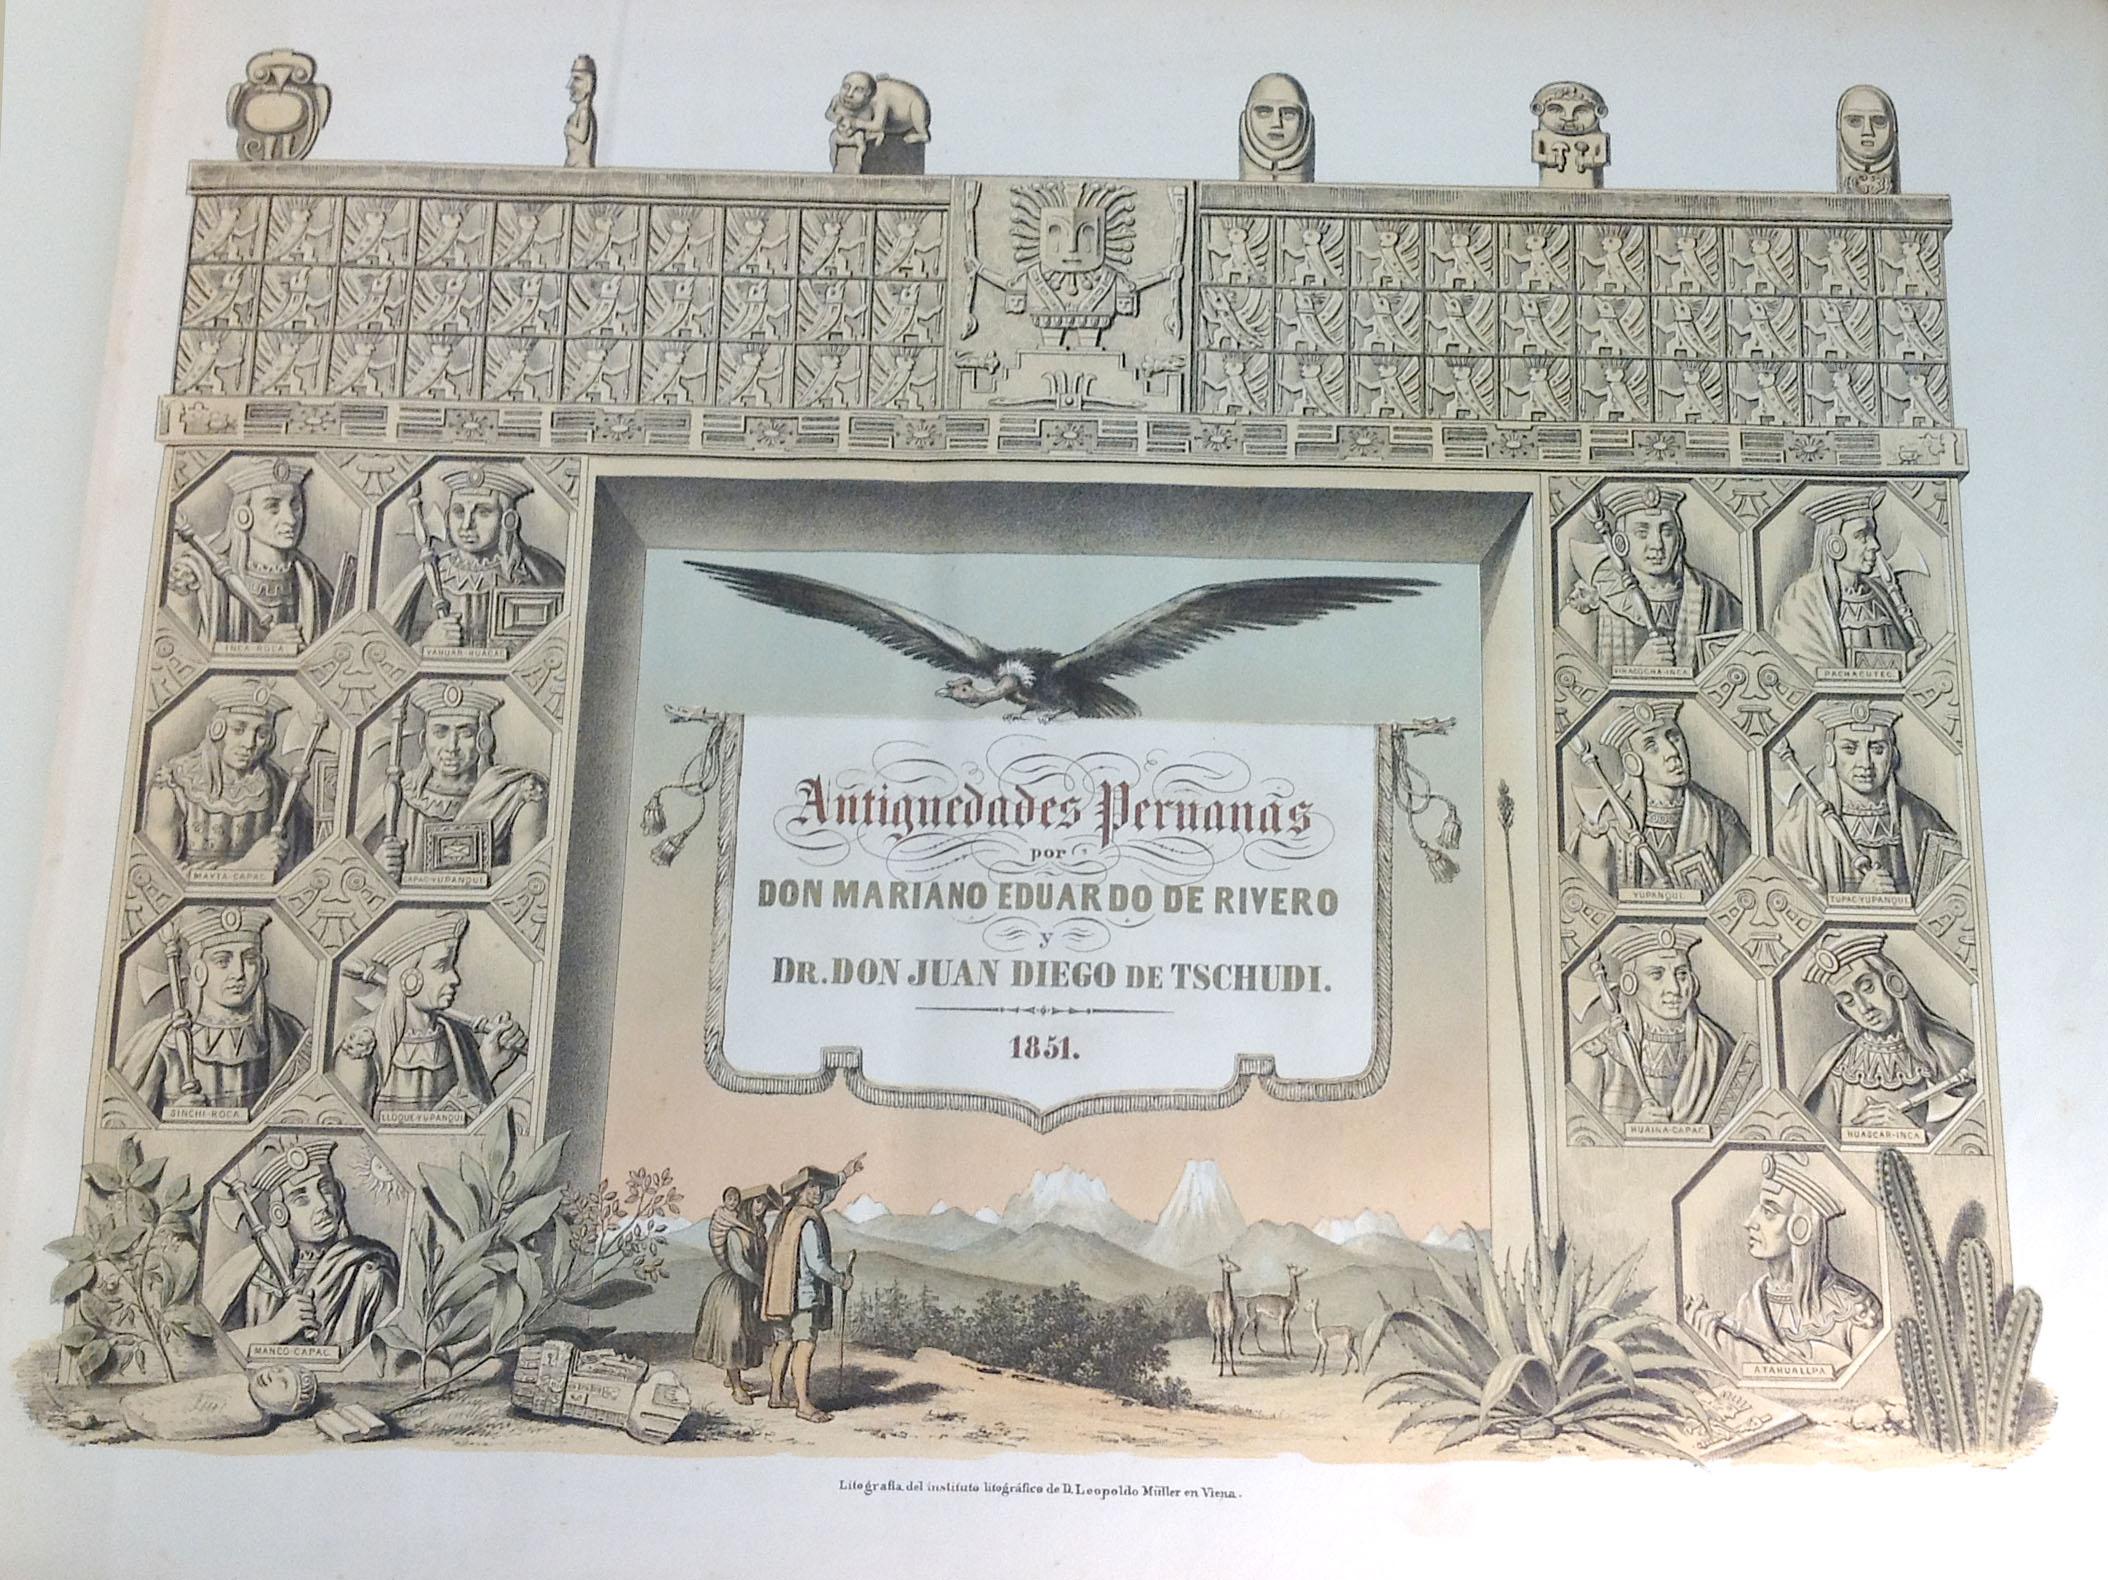 Rare Peruvian Book on View: Antigüedades Peruanas, 1851